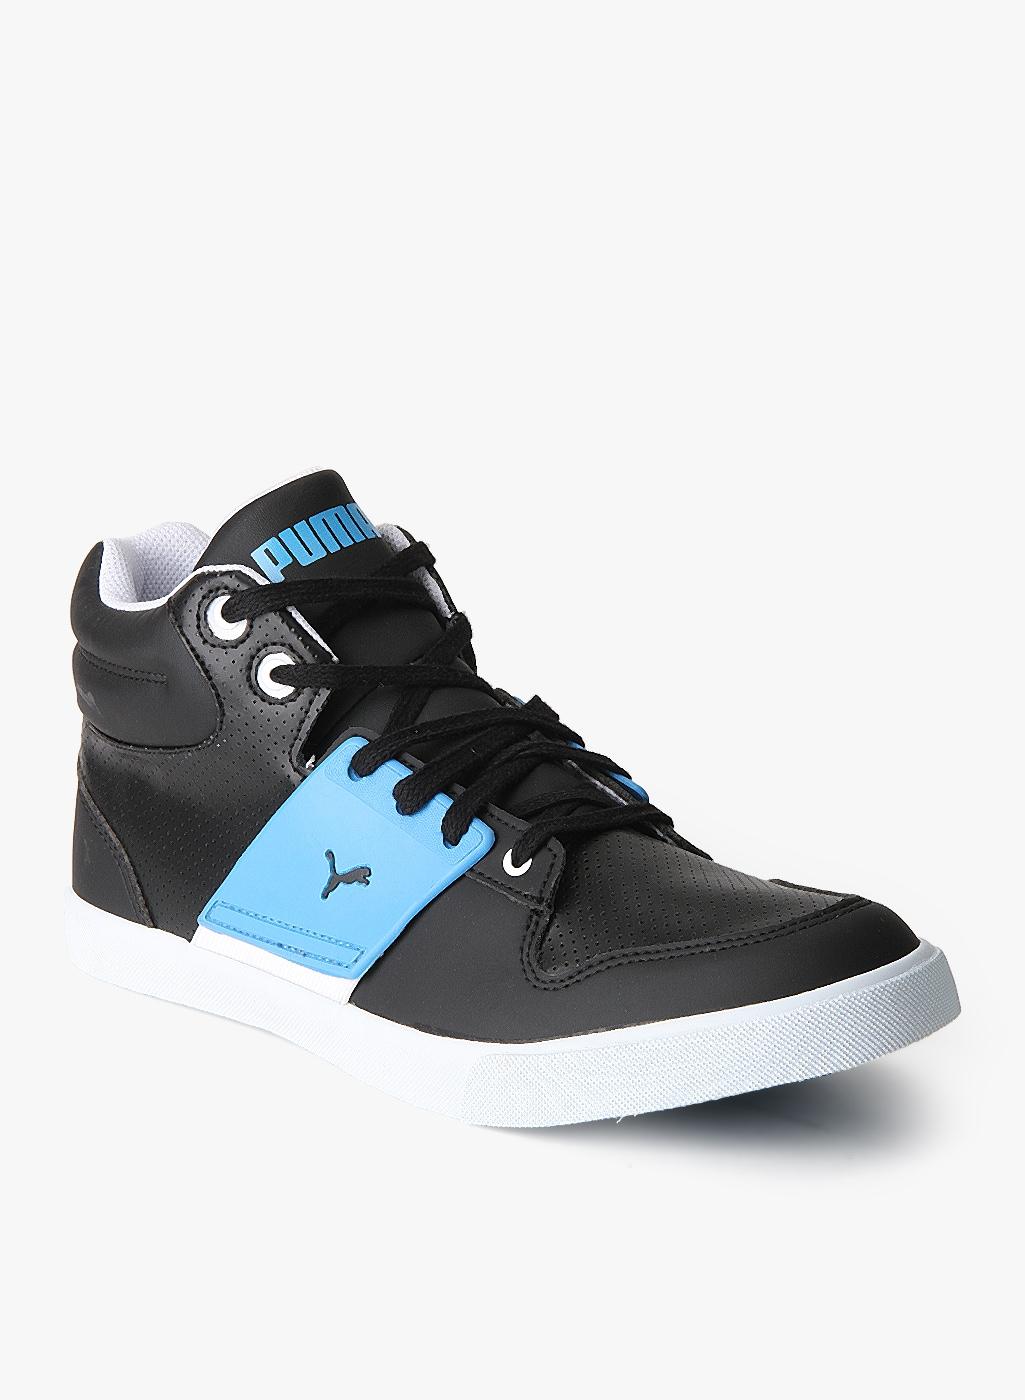 d7d3d1096973cb Puma El Ace 2 Mid Pn Black Sneakers for Men online in India at Best ...